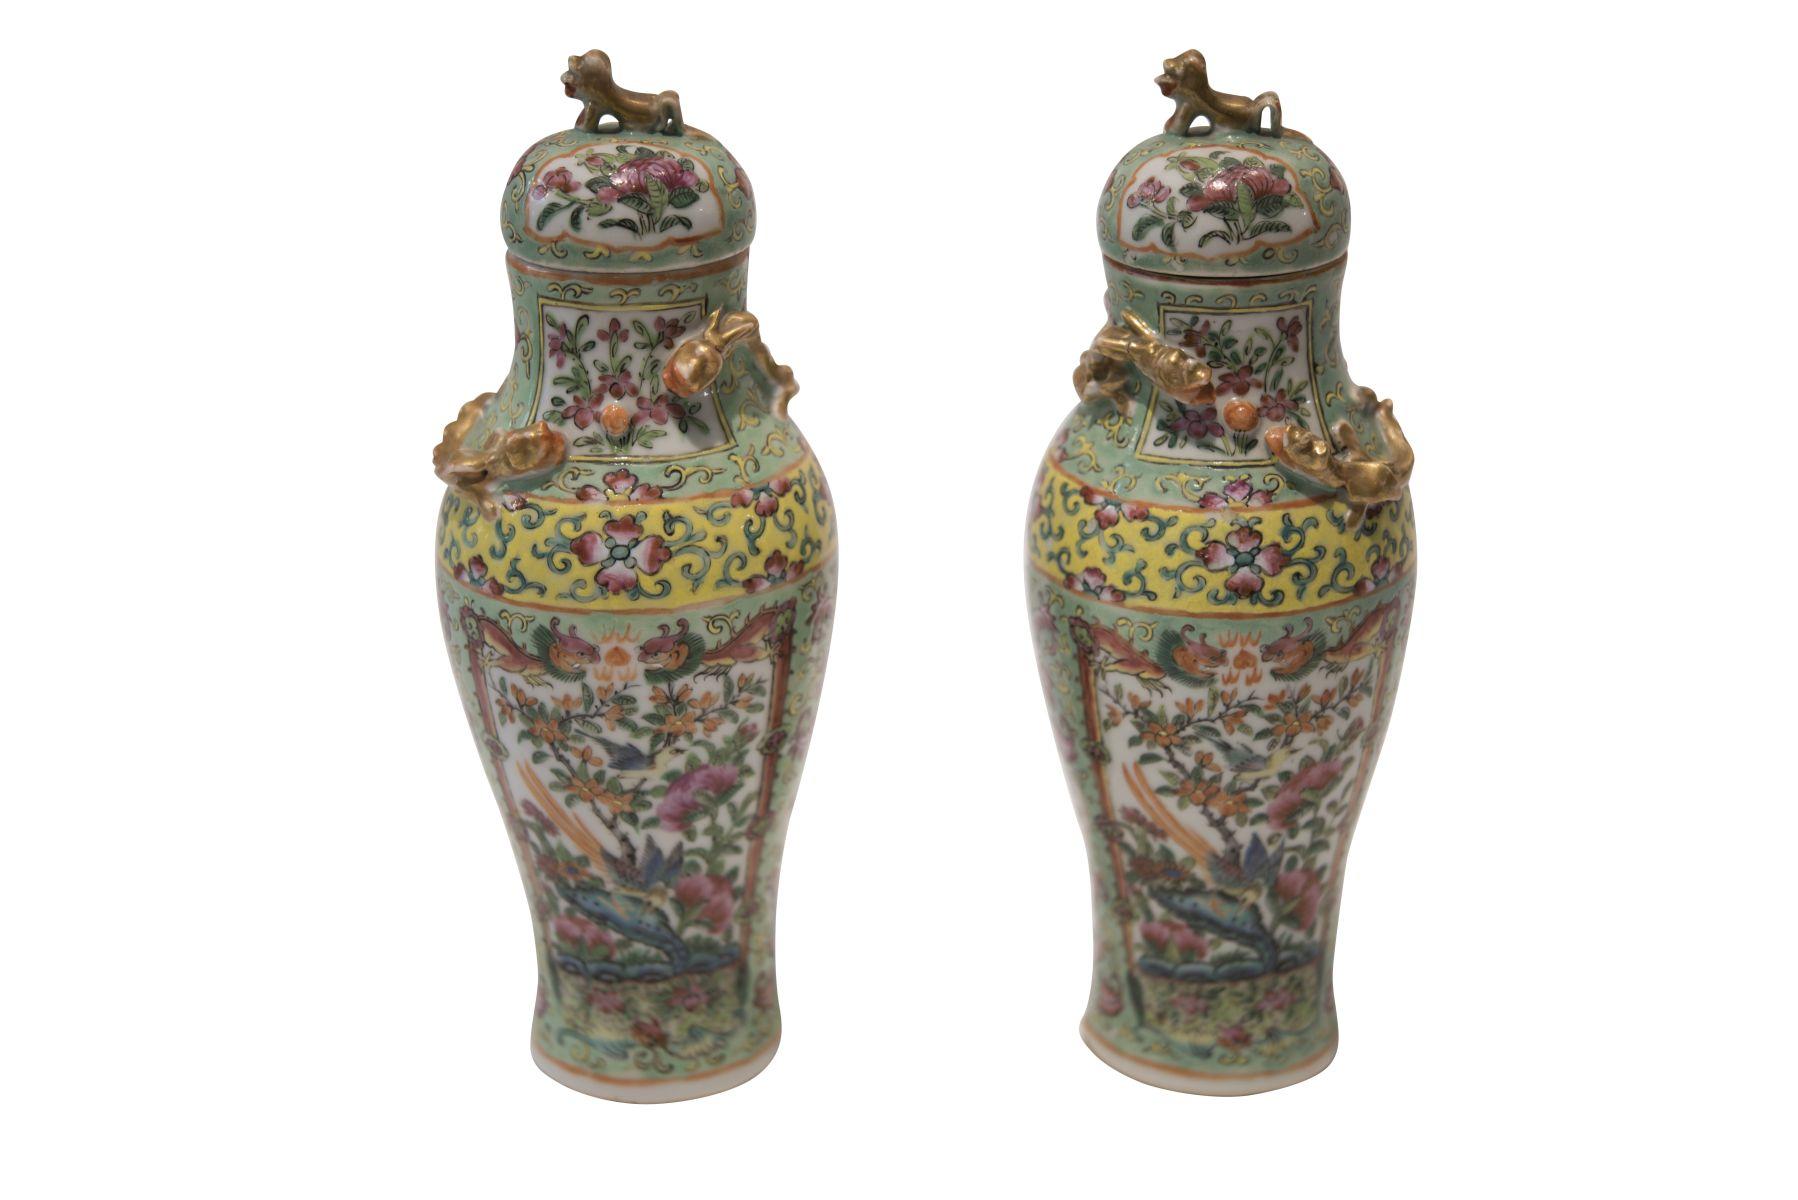 #31 2 vases with lids | 2 Vasen mit Deckel Image